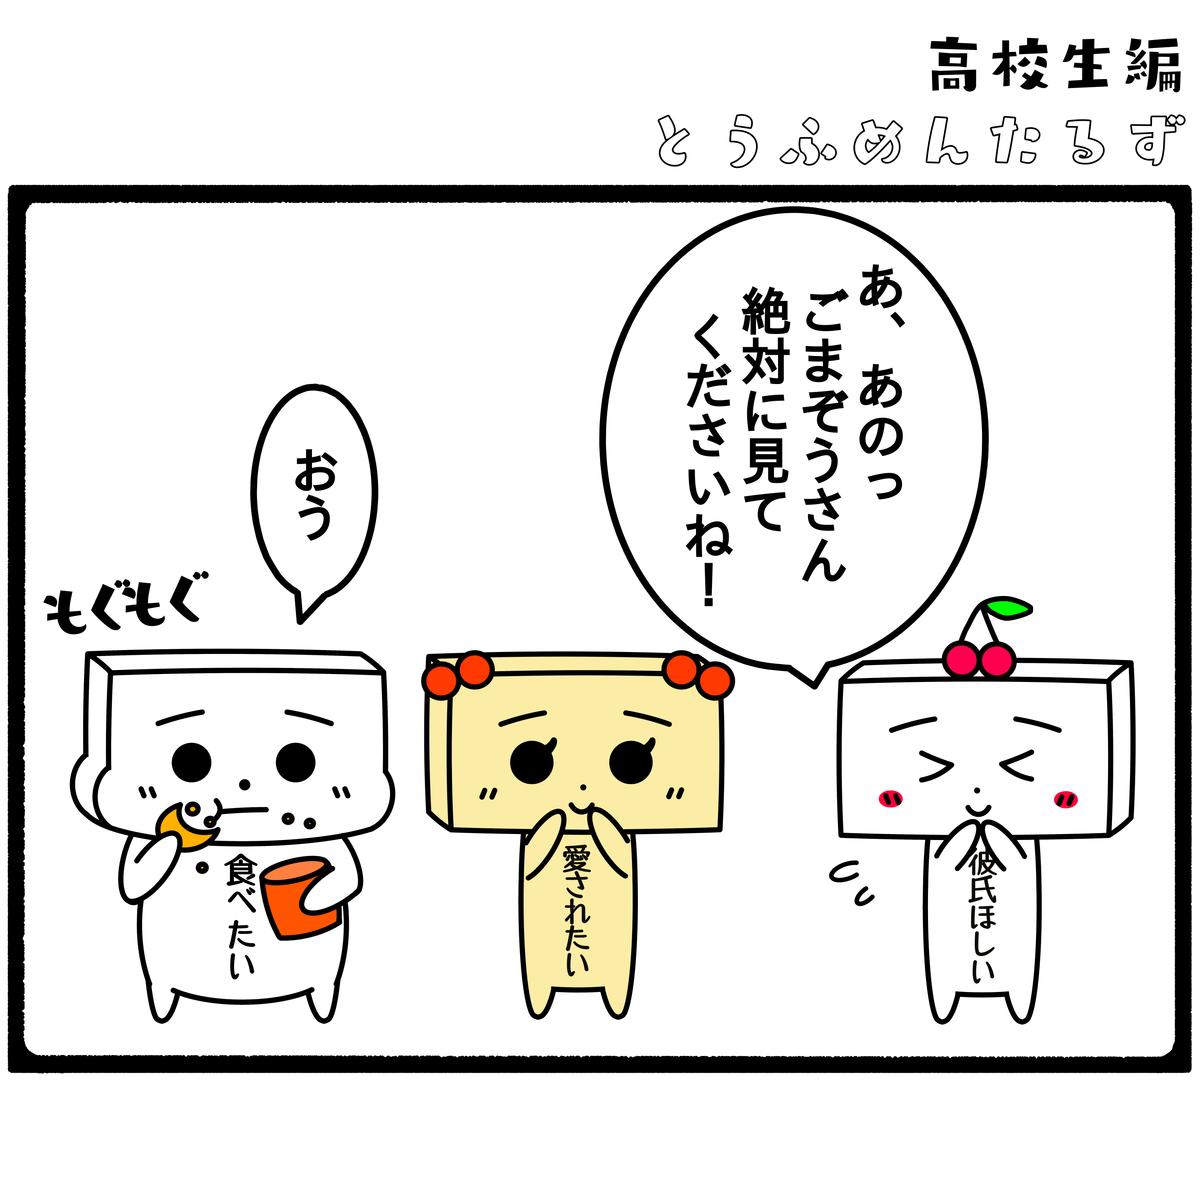 とうふめんたるず 豆腐メンタル 日常 4コマ漫画